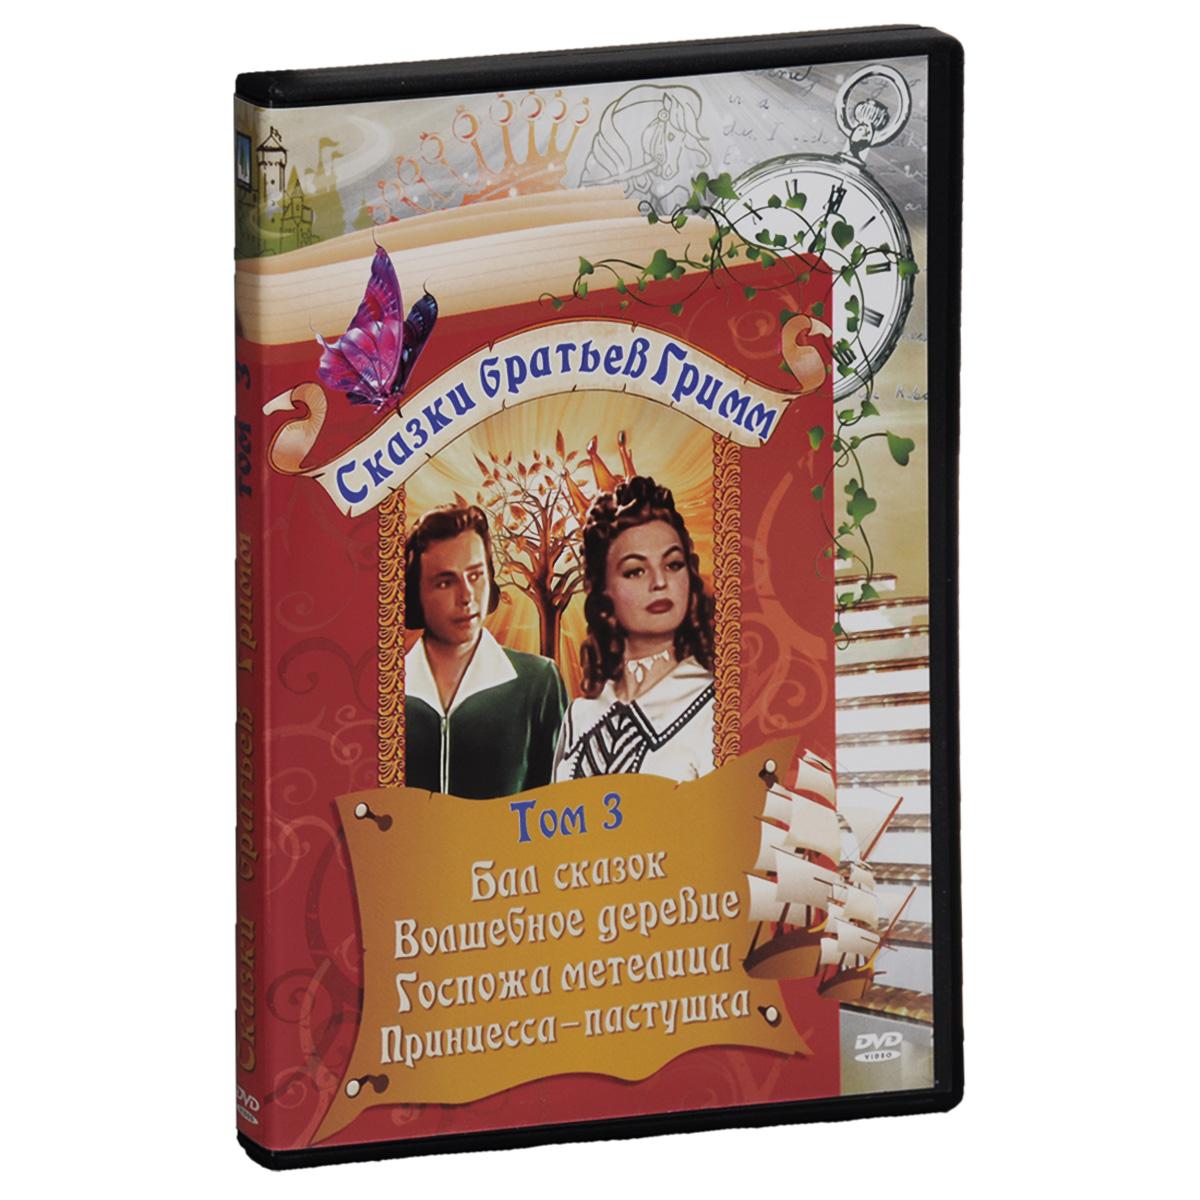 Сказки братьев Гримм. Том 3 (4 DVD)